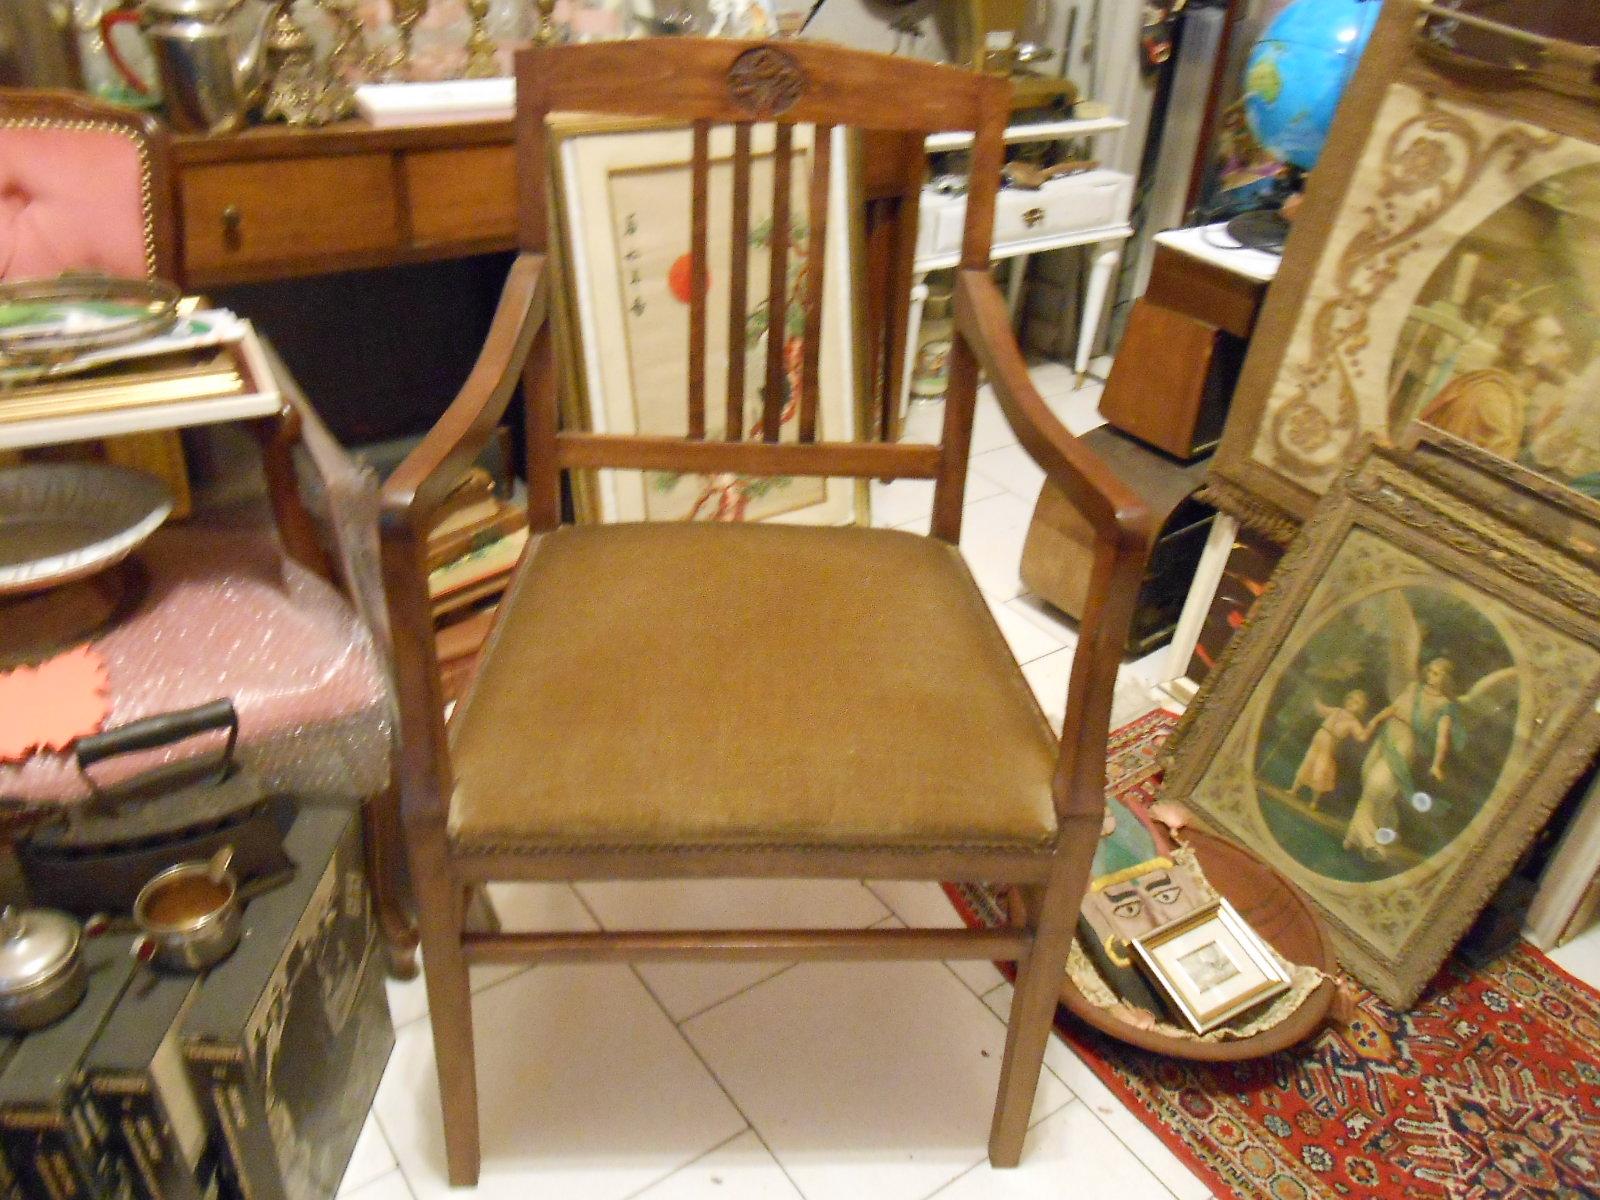 Antico e grande cadregun poltrona sedia trono liberty for Poltrona liberty